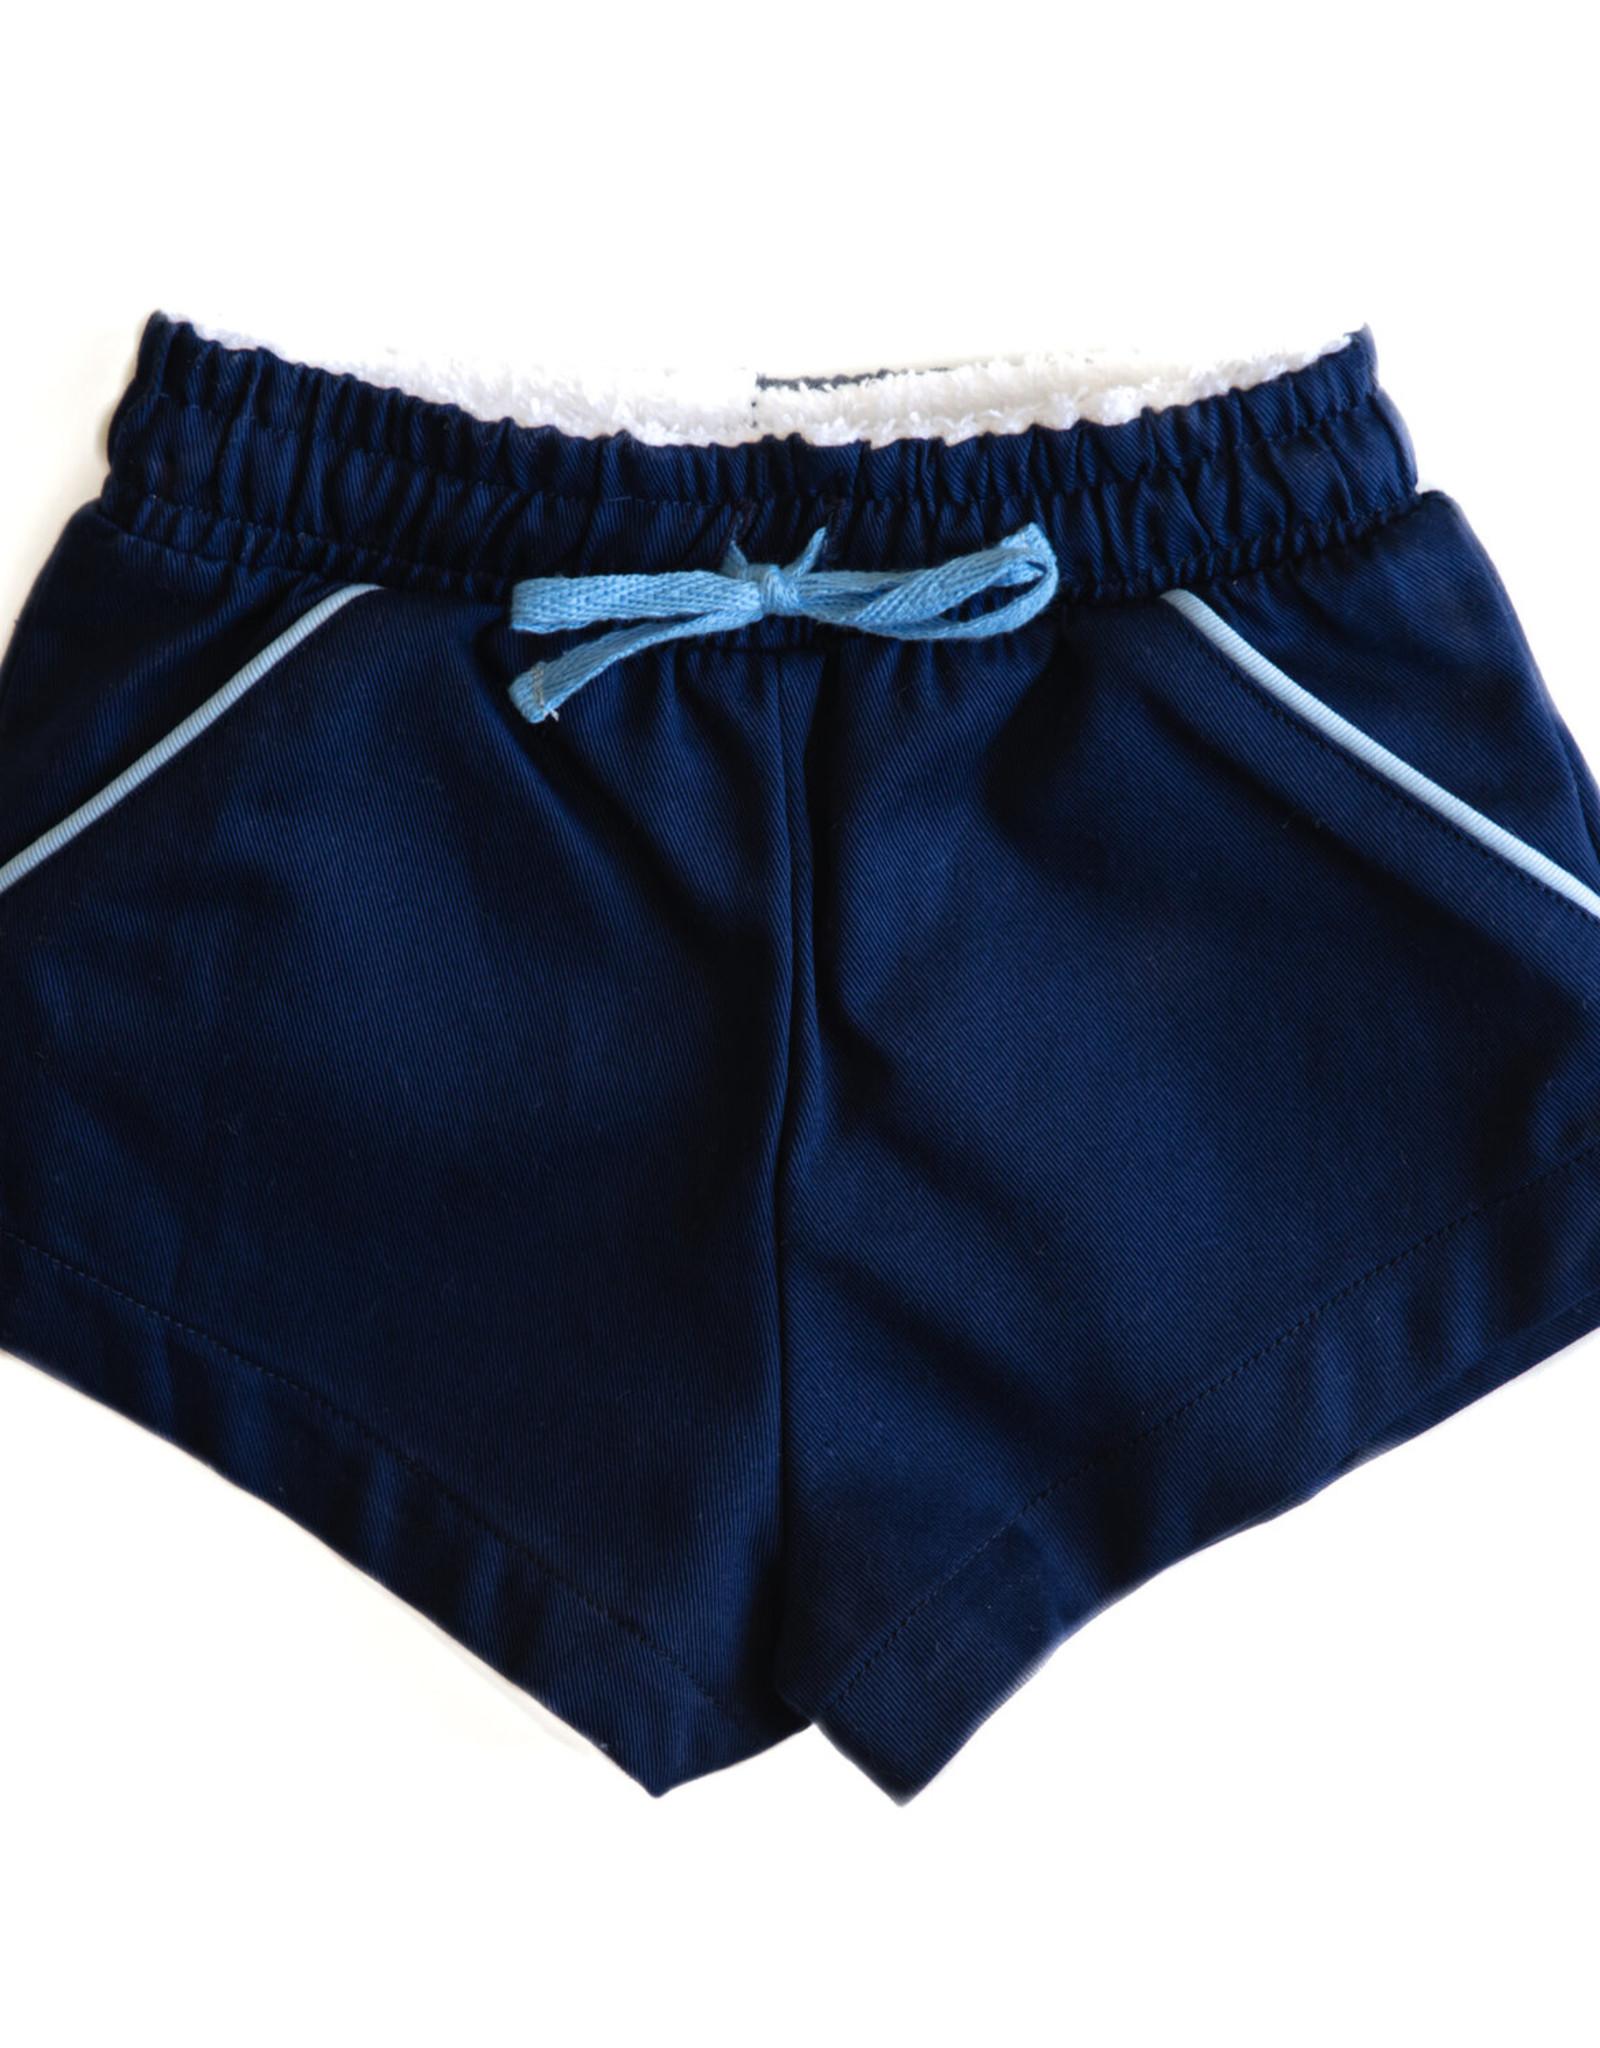 Cadets, LLC Cadets Shorts